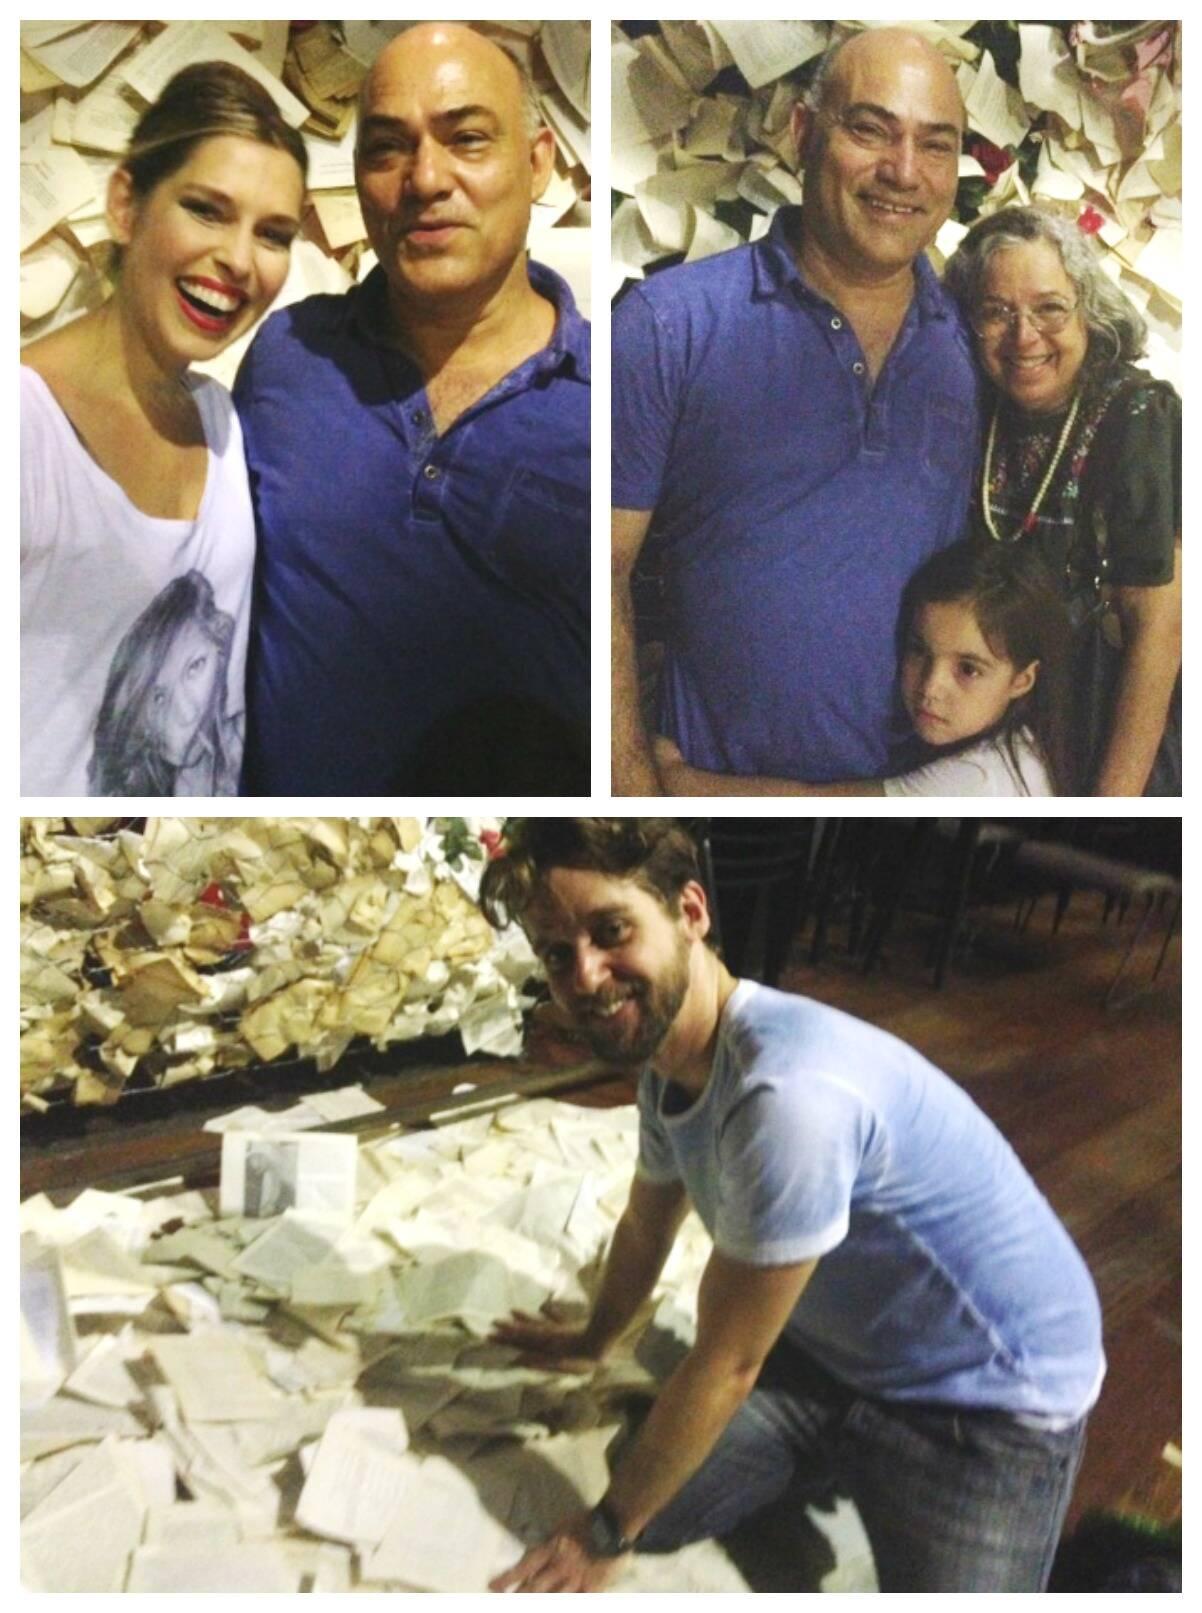 Em cima, à esquerda, com Delson Antunes; ao lado, Delson com Camilla Amado e a filha, Maria Luiza; e, embaixo,